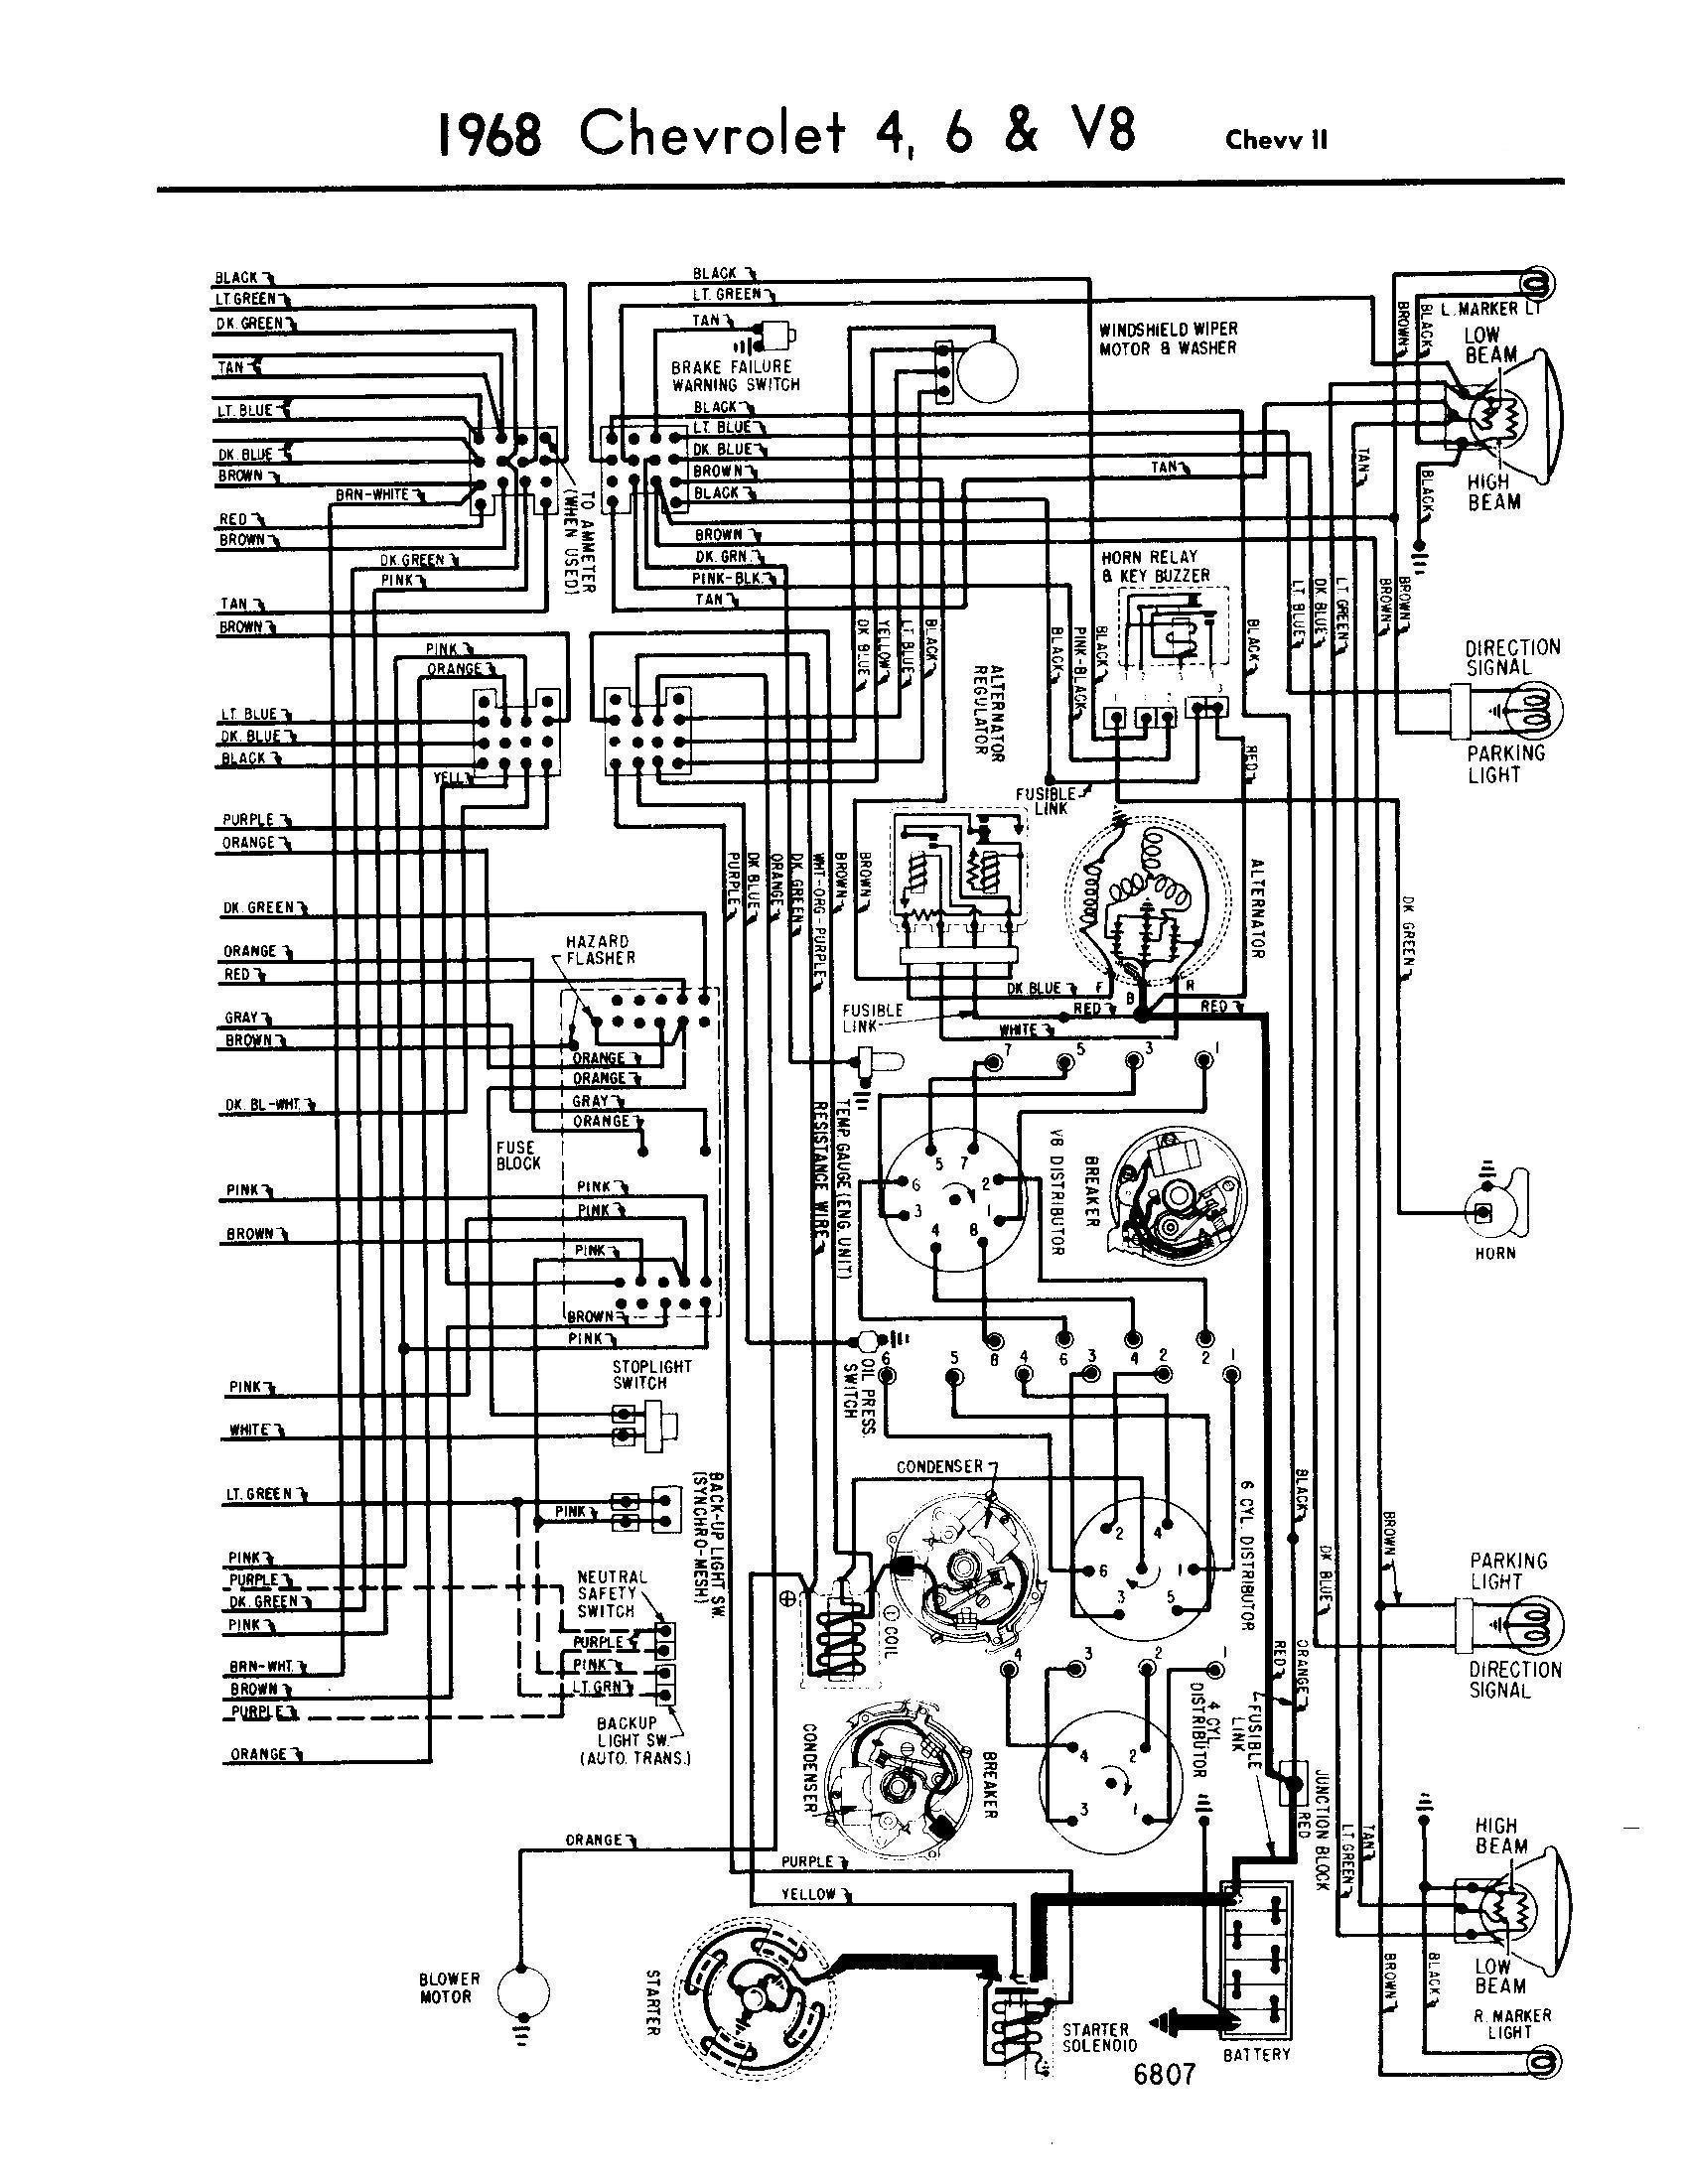 69 Camaro Wiring Diagram 1969 Camaro Wiring Diagram Printable Worksheet and Wiring Diagram • Of 69 Camaro Wiring Diagram